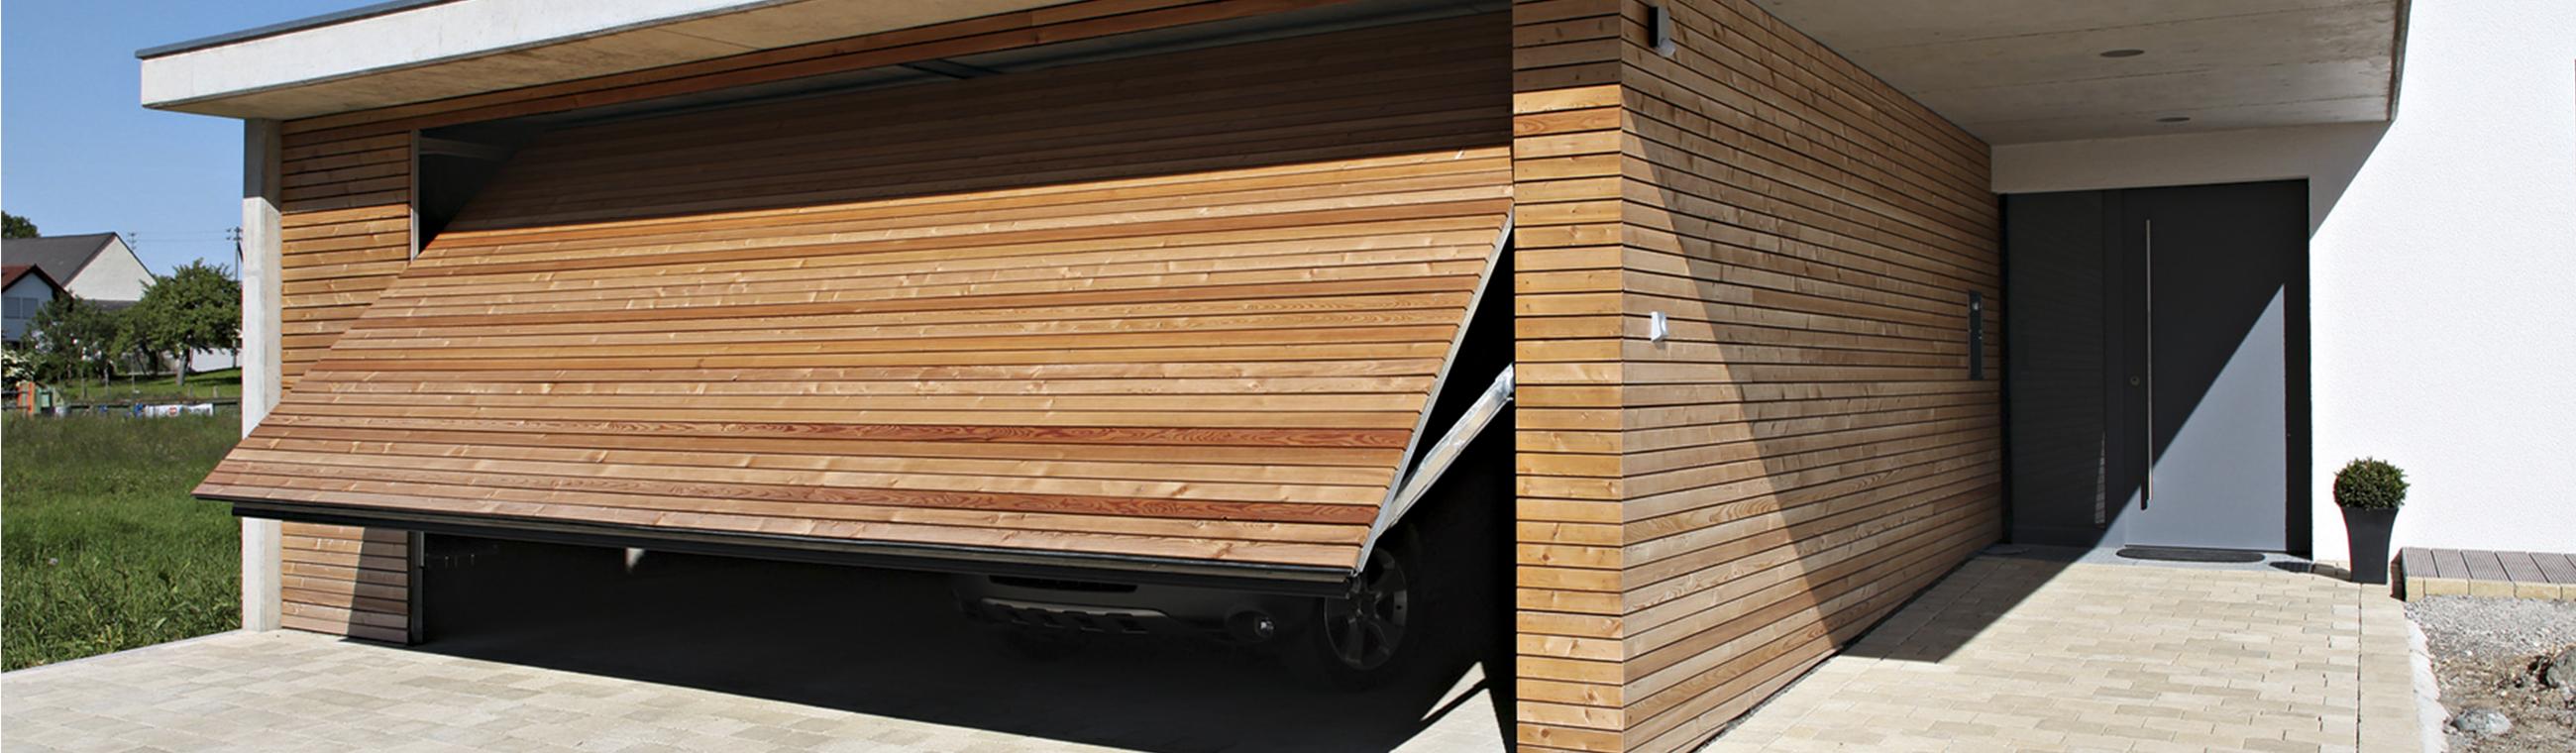 Garagentor Holz garagentore - individuelle lösungen von ruku